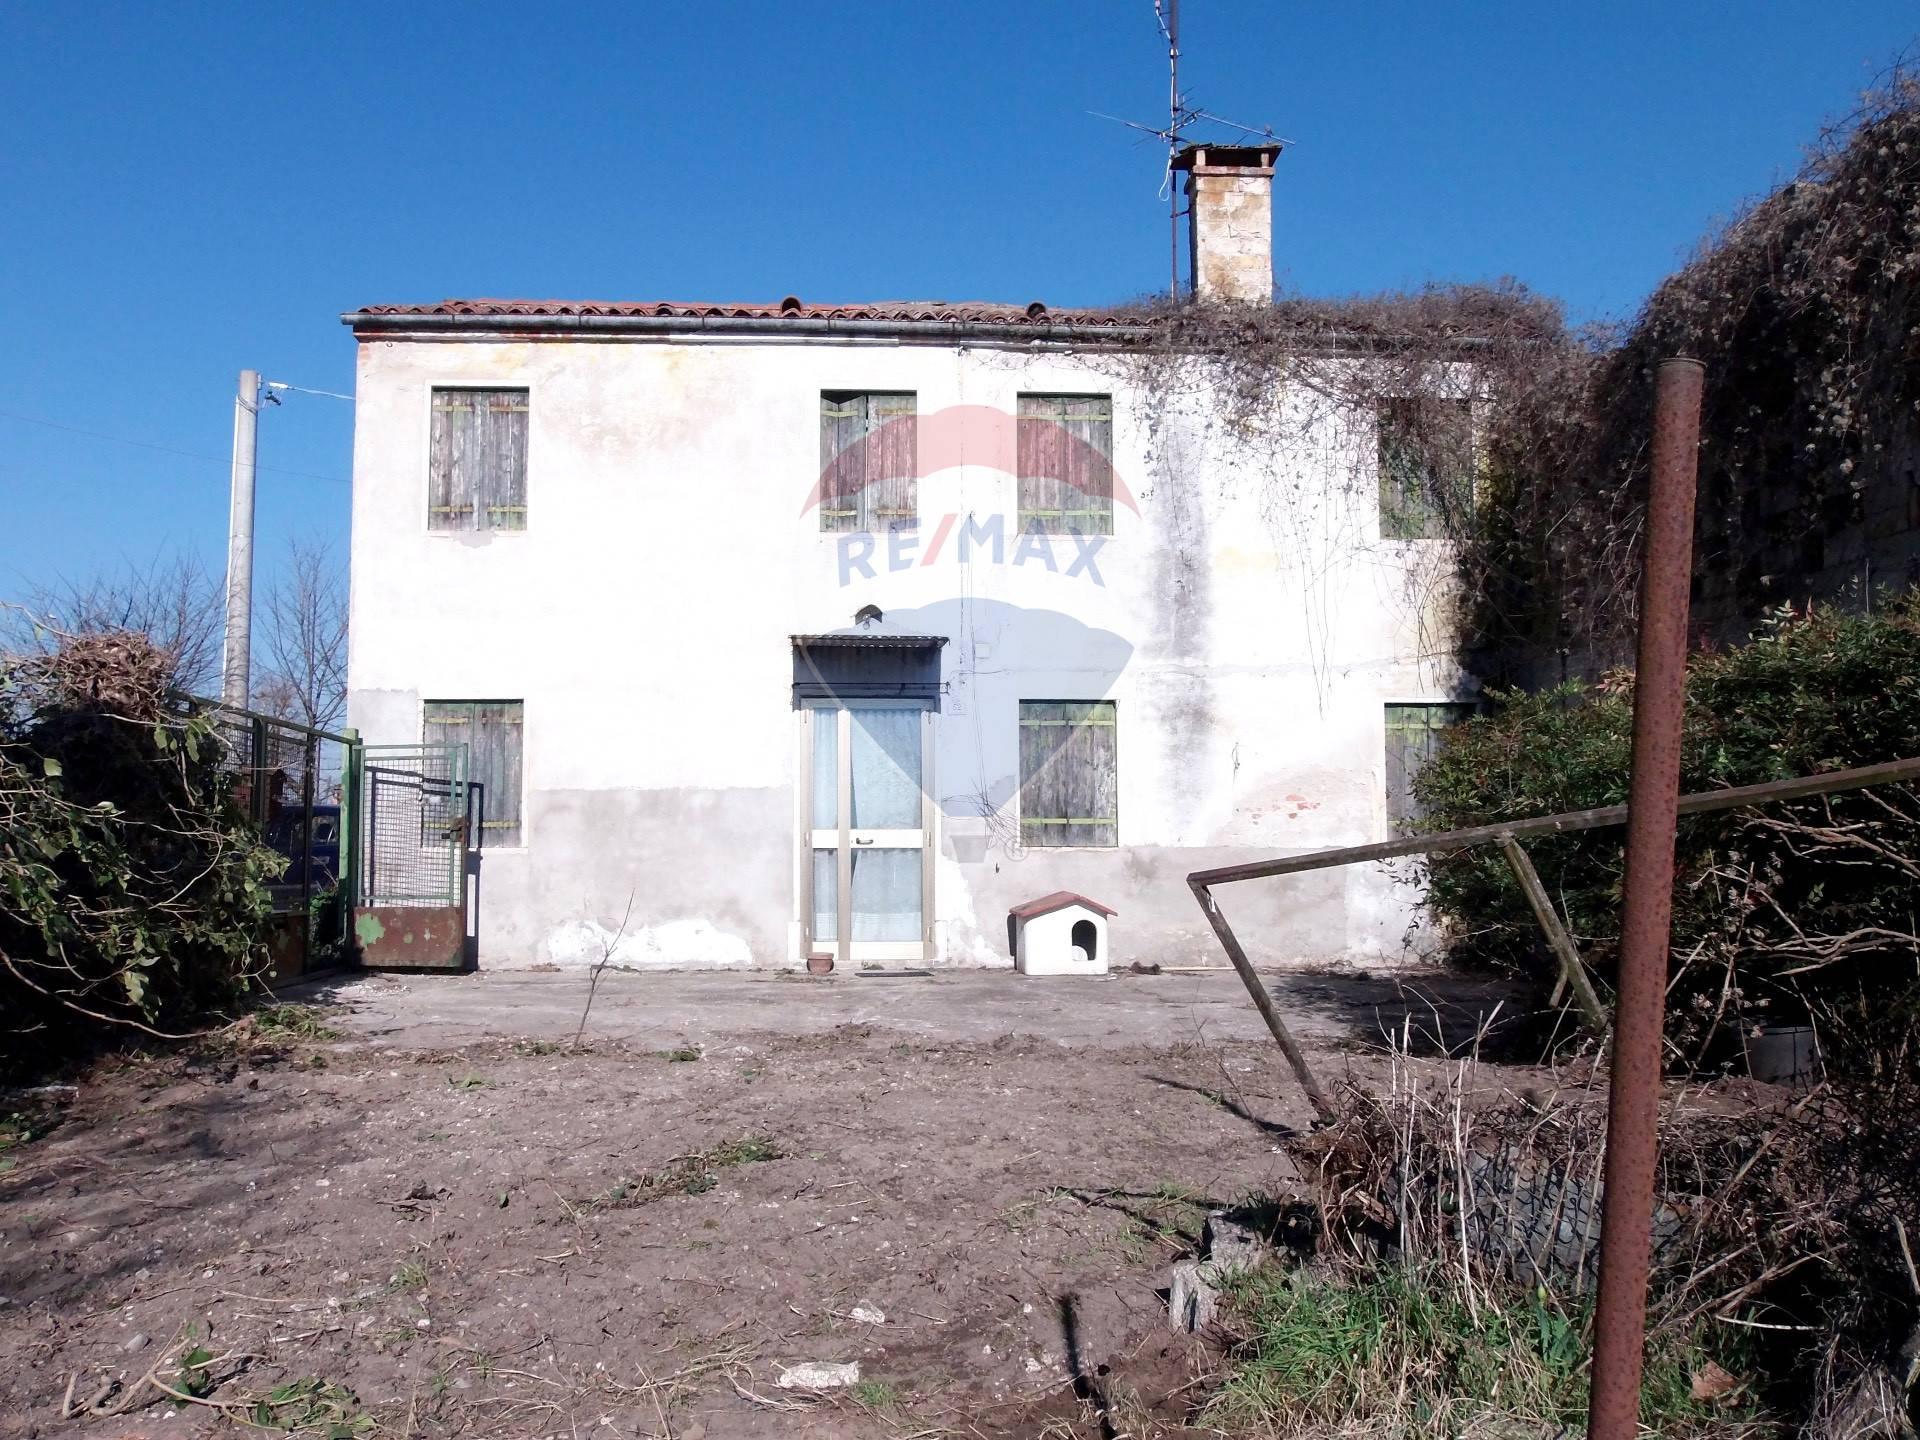 Rustico / Casale in vendita a Pojana Maggiore, 6 locali, zona Zona: Cagnano, prezzo € 39.500 | CambioCasa.it